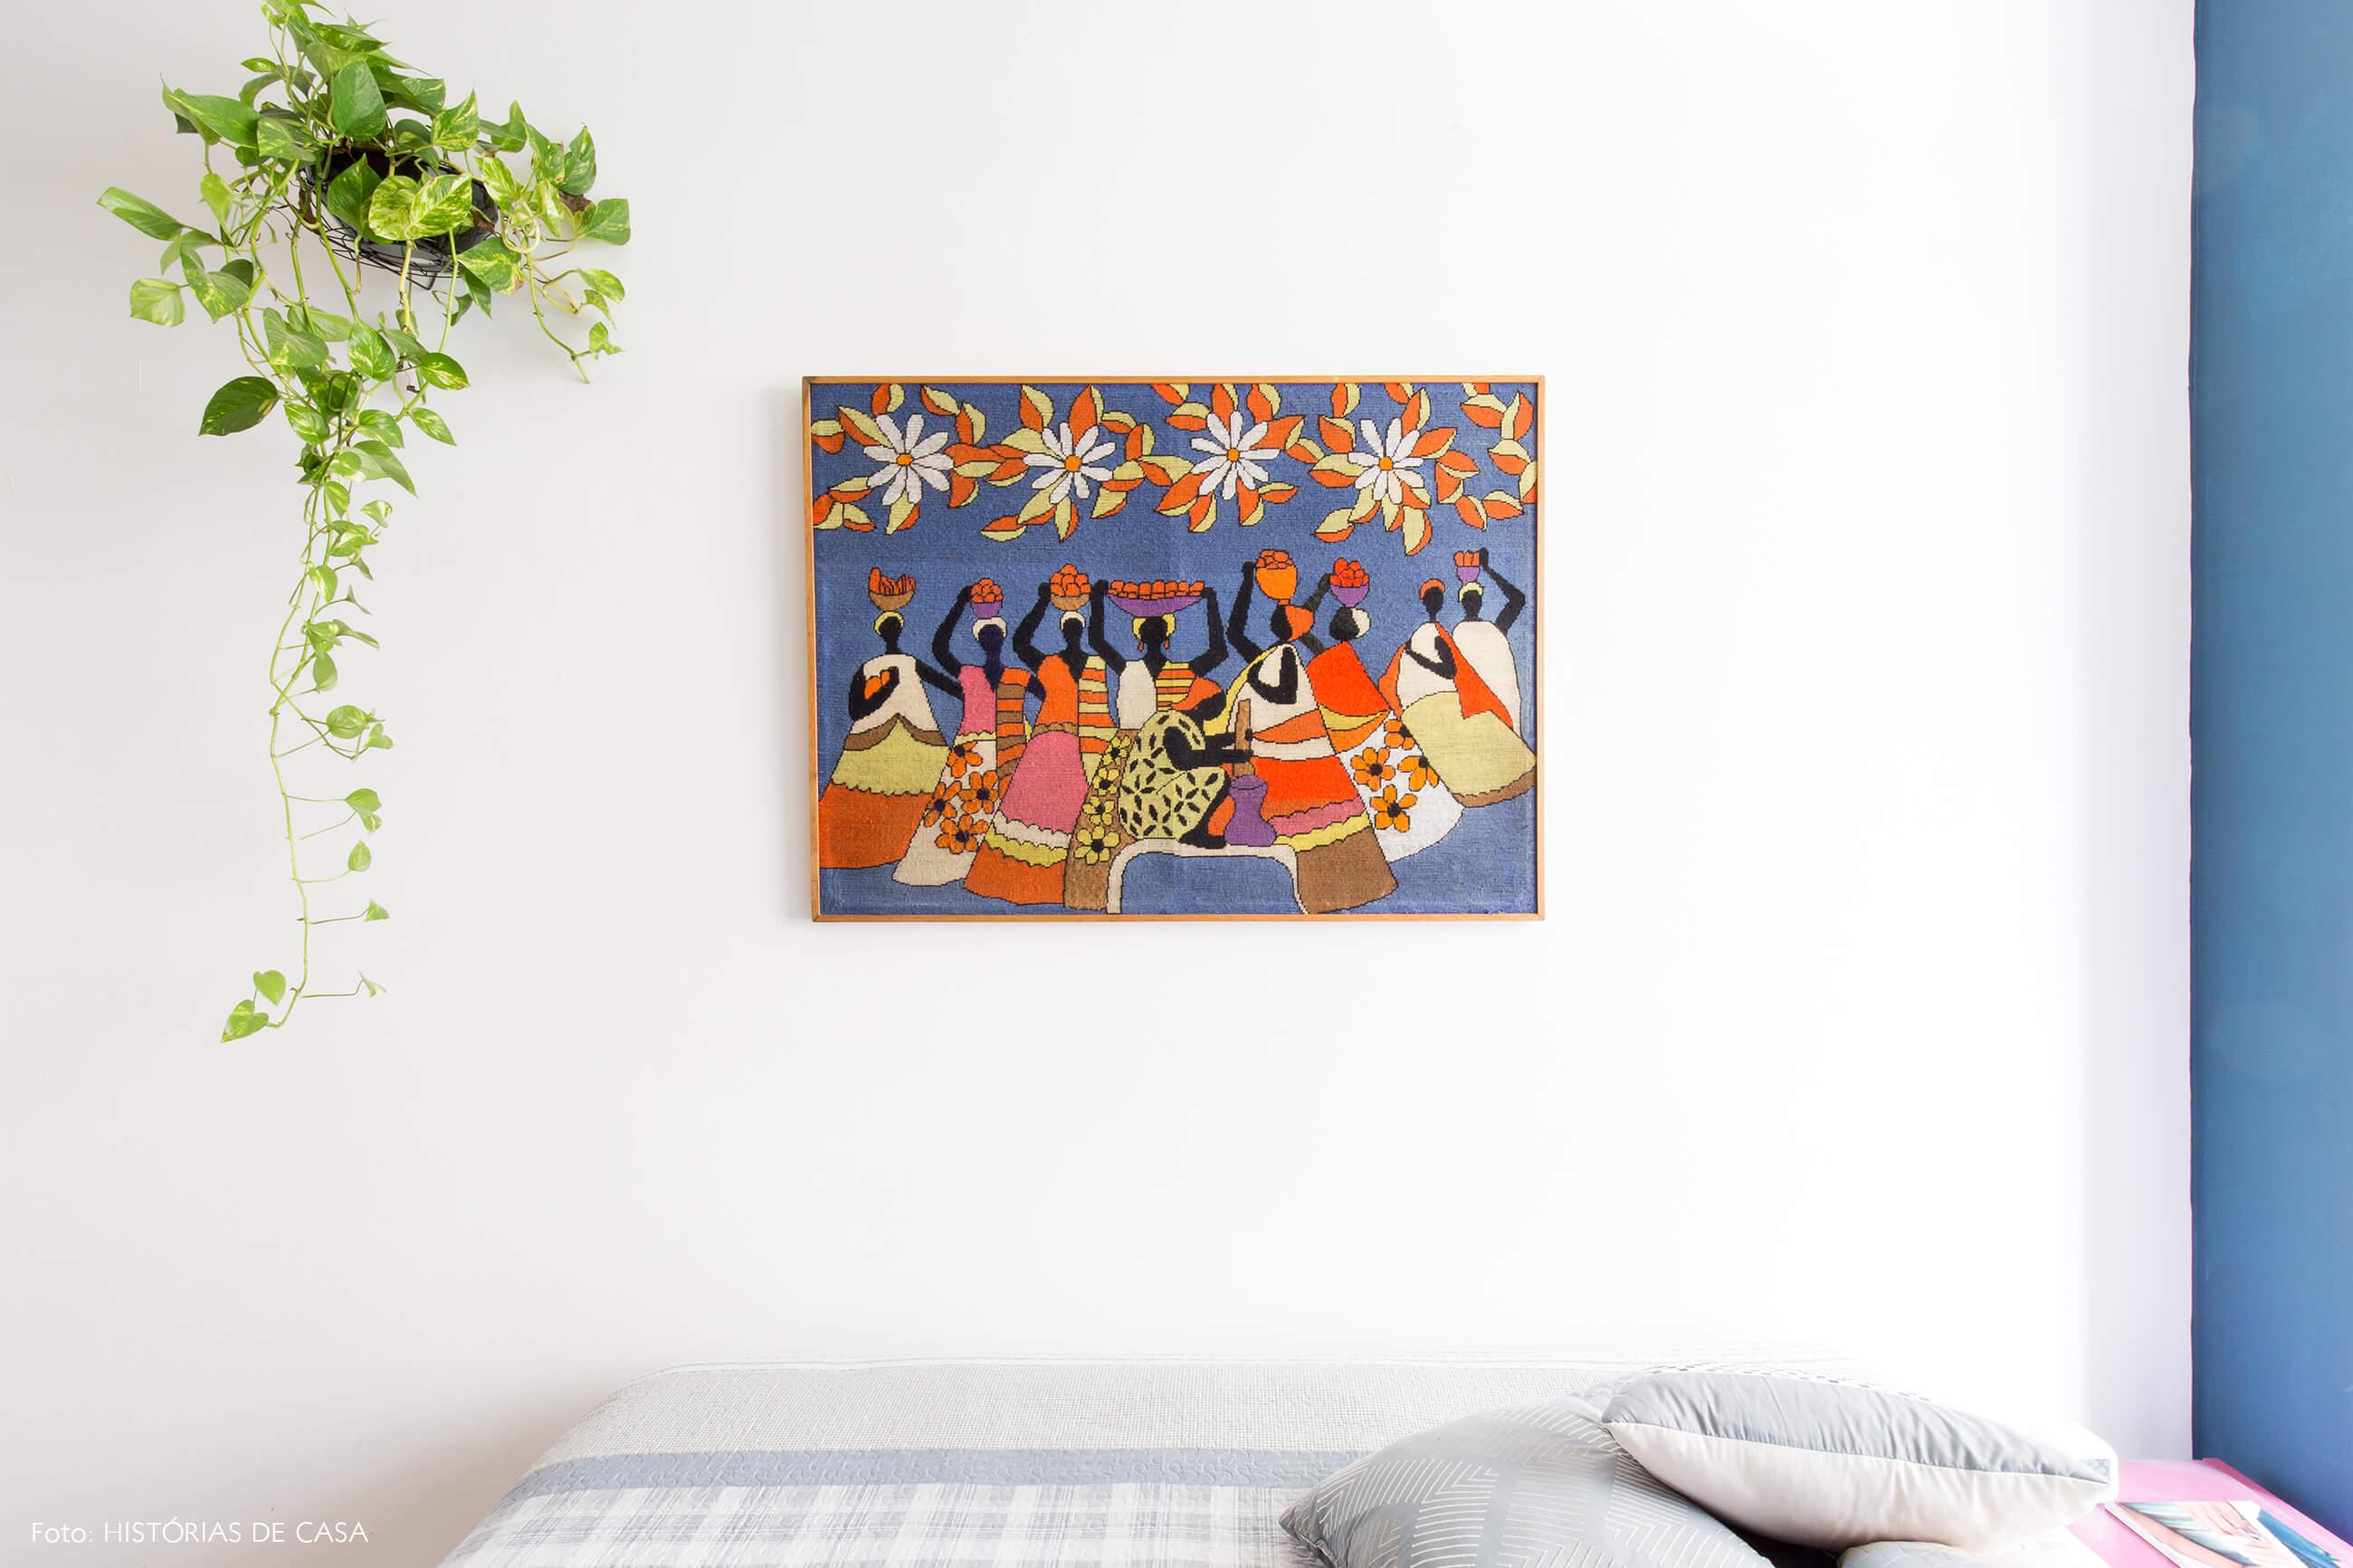 quarto-parede-branca-e-azul-planta-quadro-tapecaria-cama